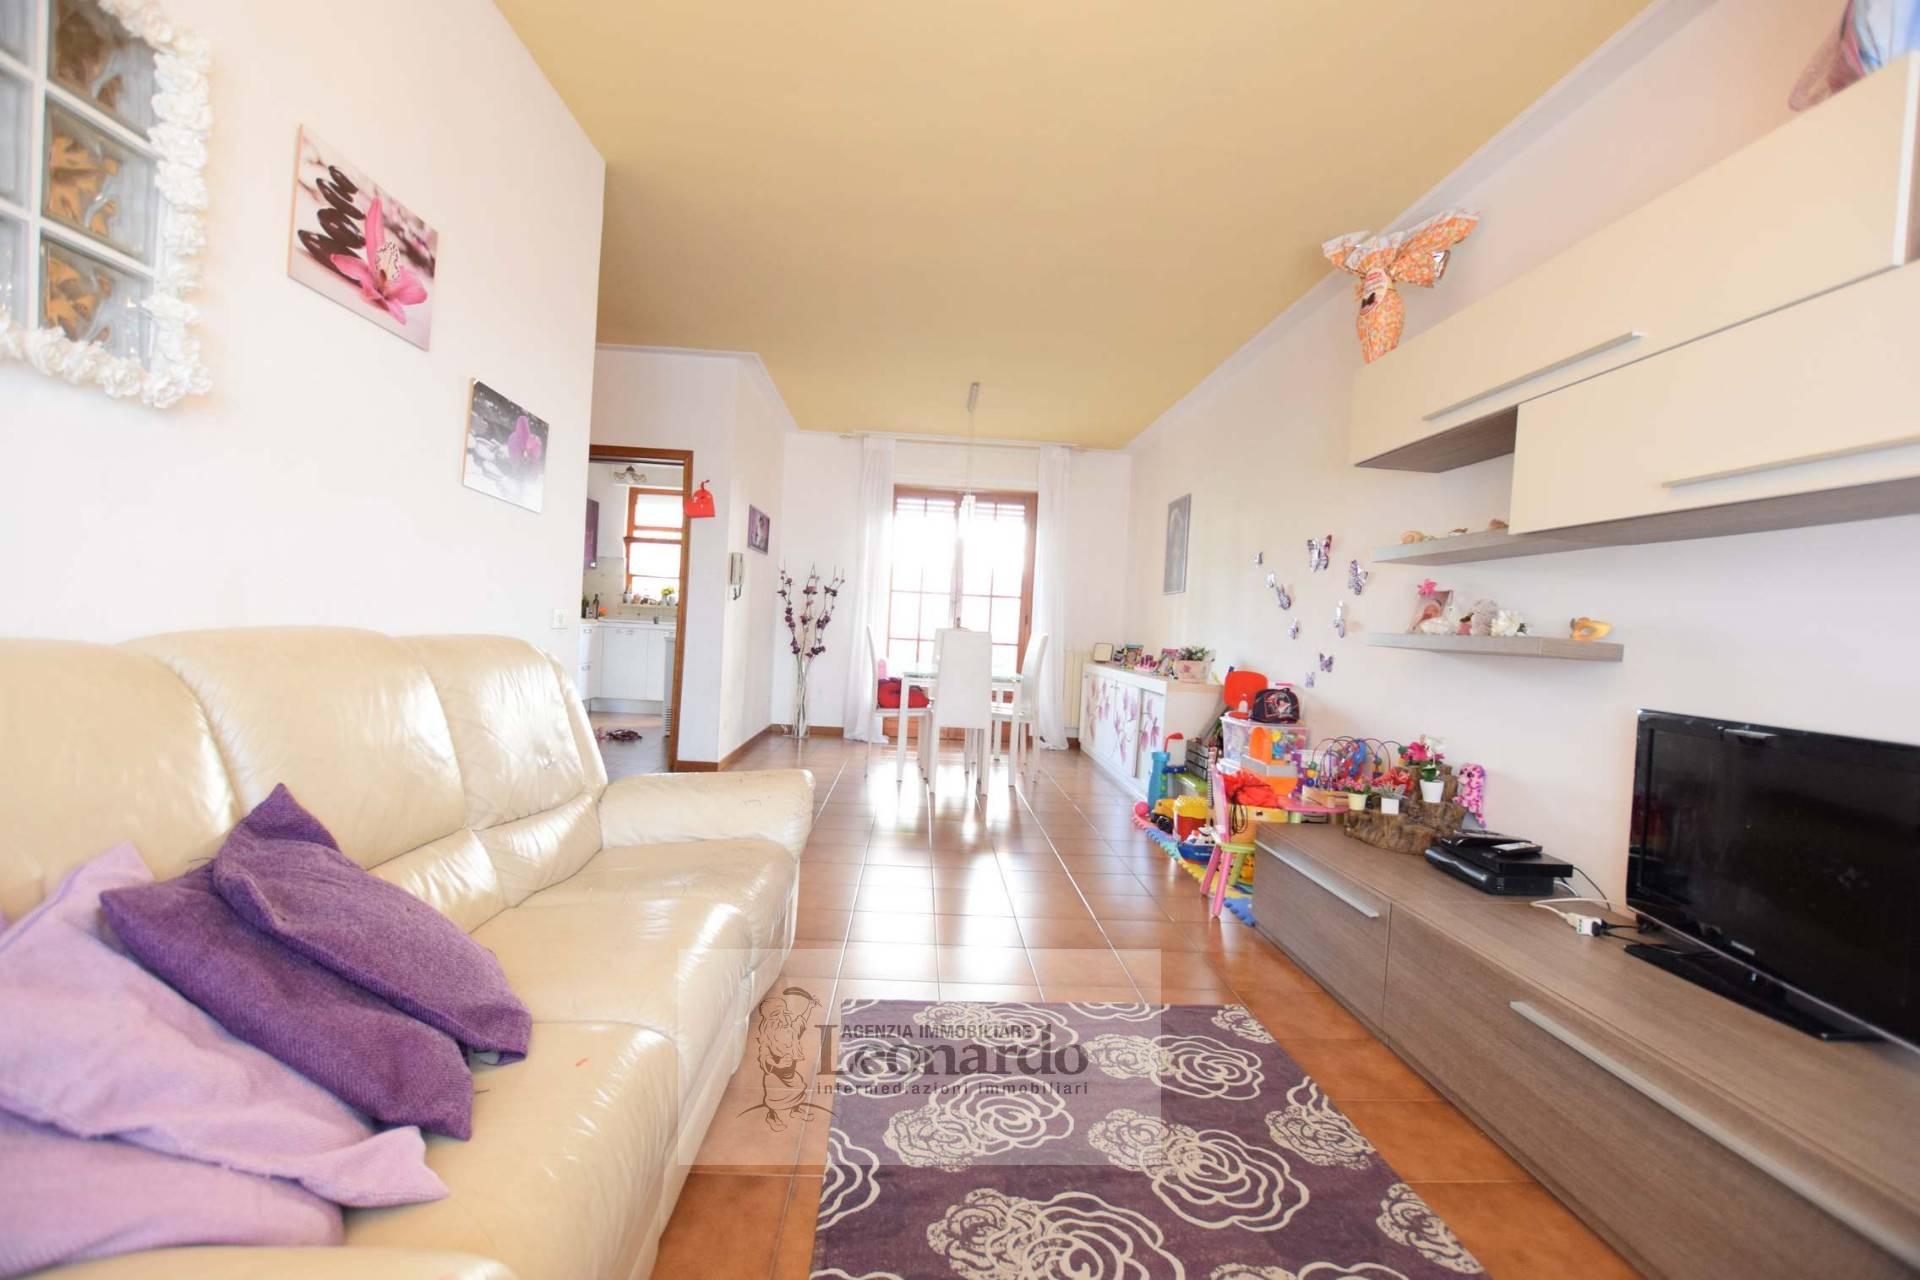 Villa in vendita a Viareggio, 7 locali, zona Località: Terminetto, prezzo € 295.000 | CambioCasa.it